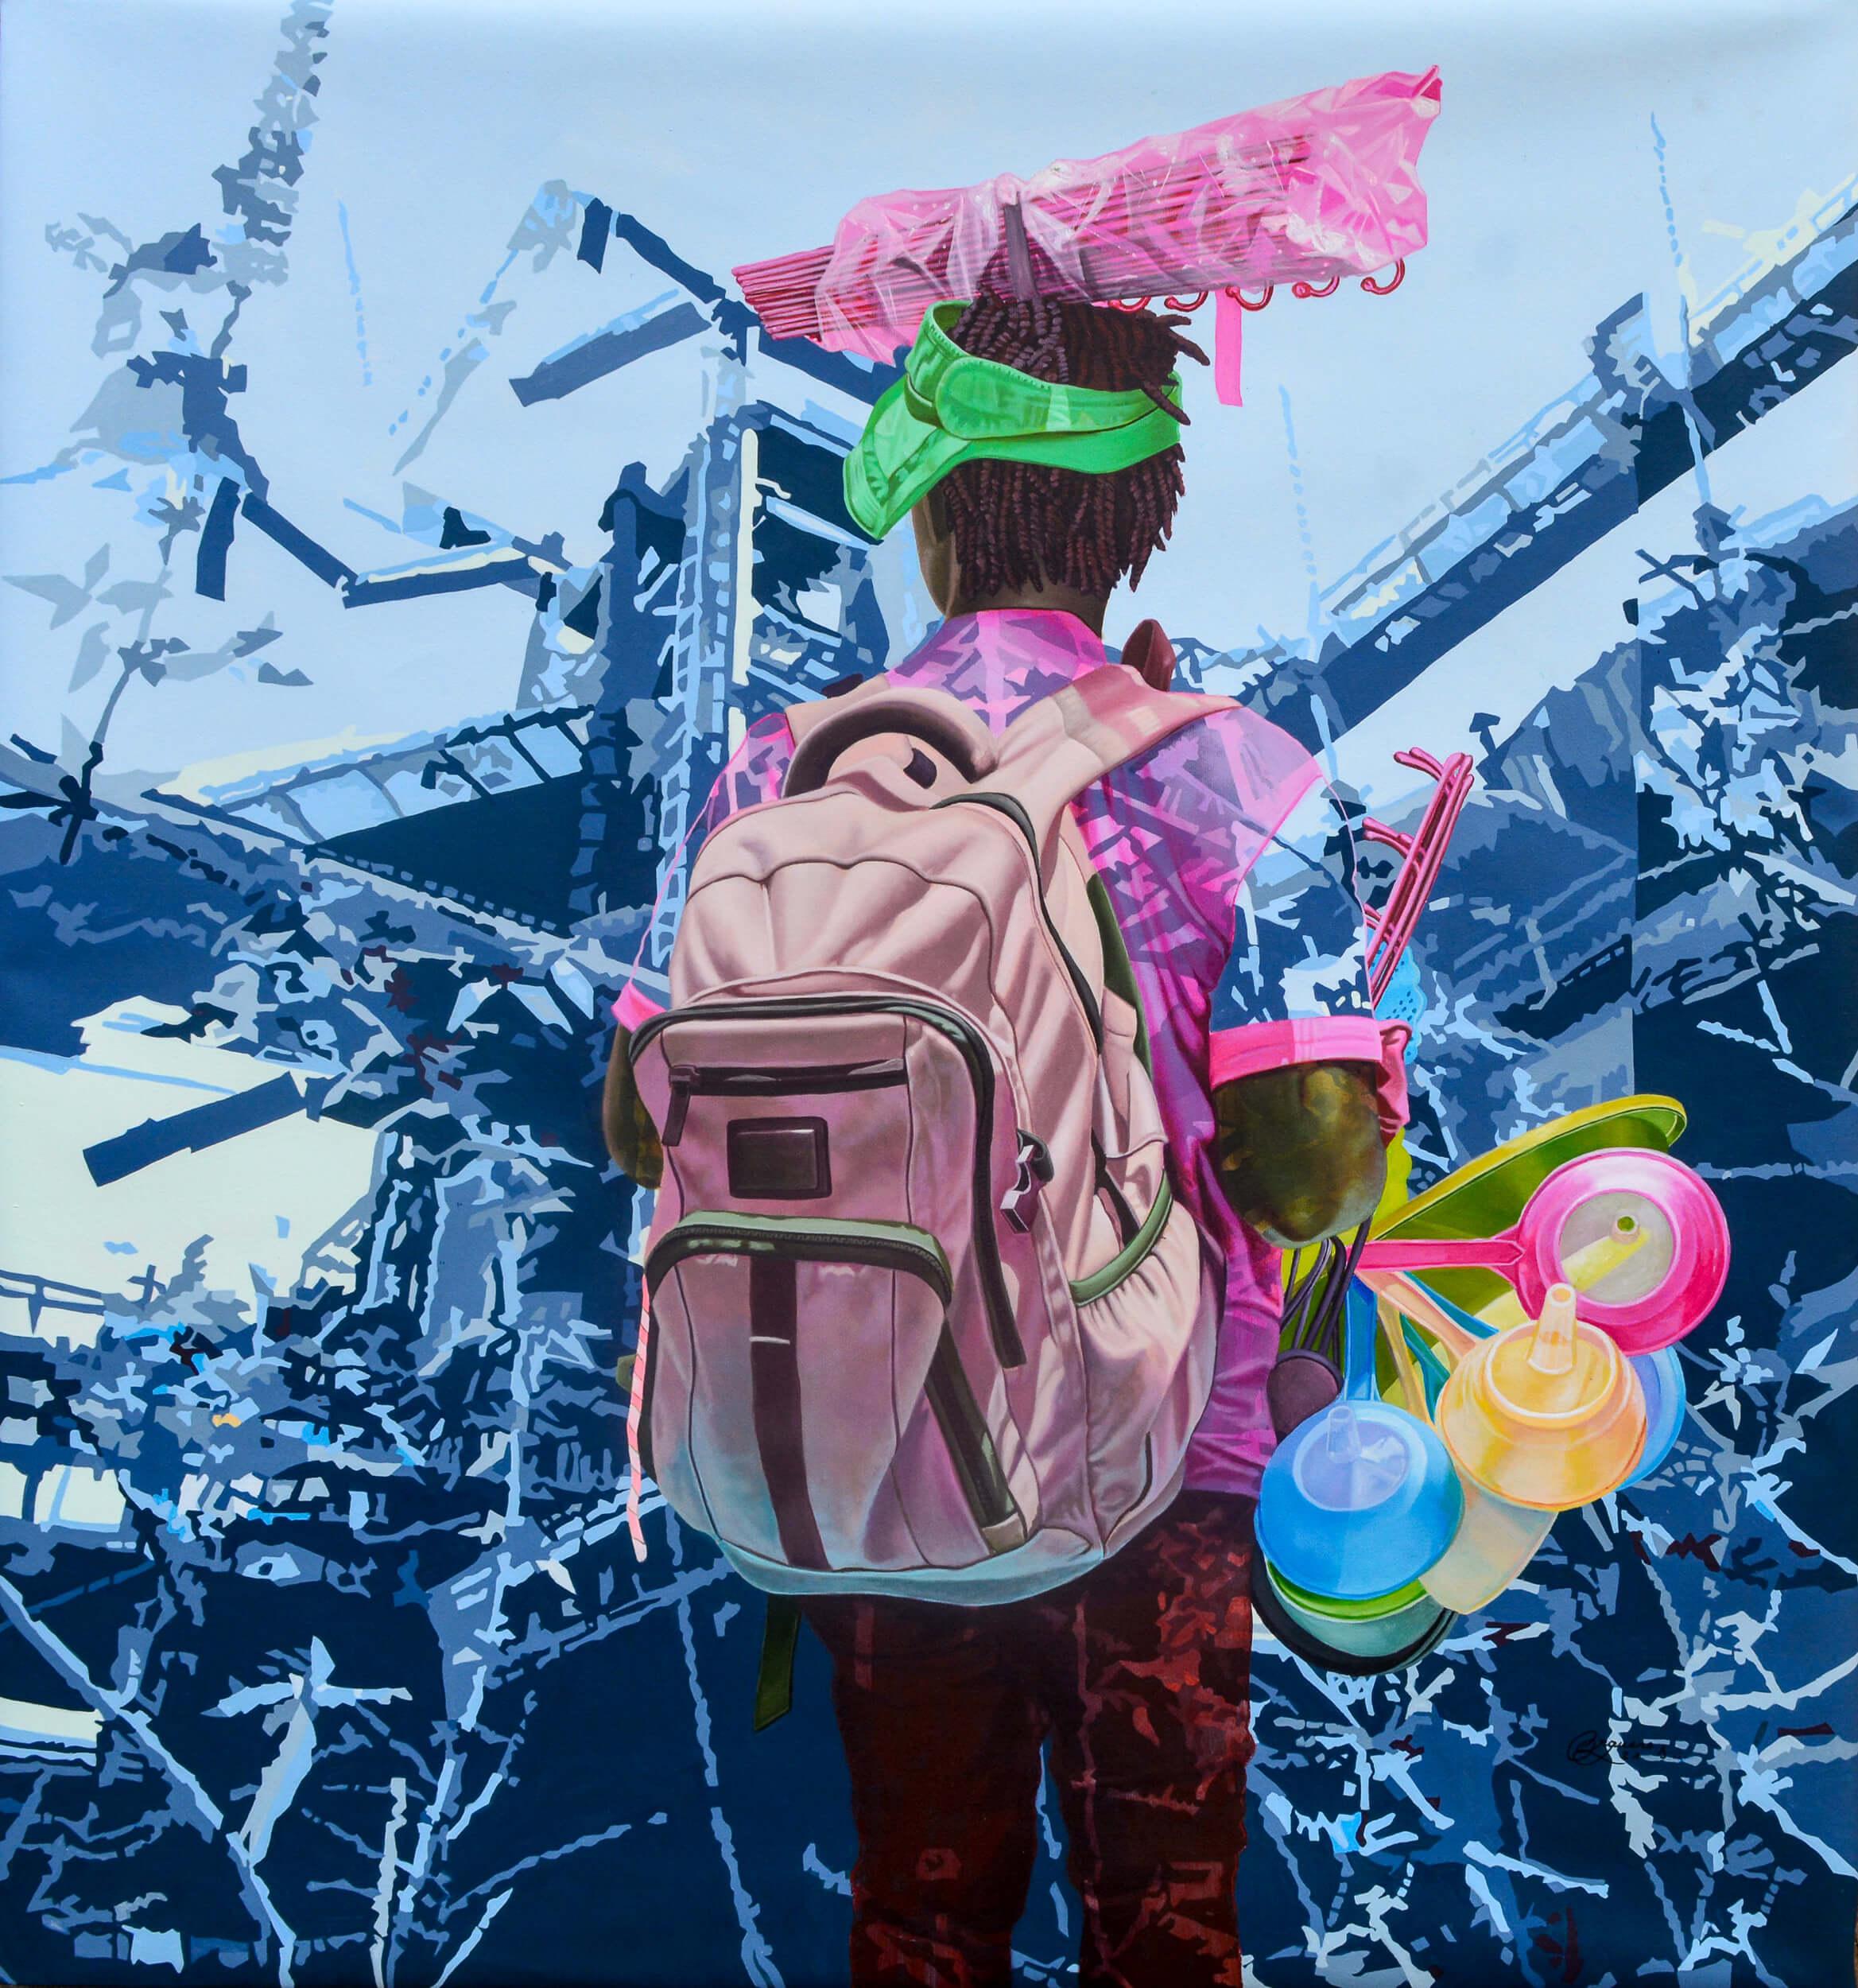 artsy-Daniel Onguene - Au coeur de la friche - 2021 - 120cm H x 110cm W - Acrylic on canvas-2105